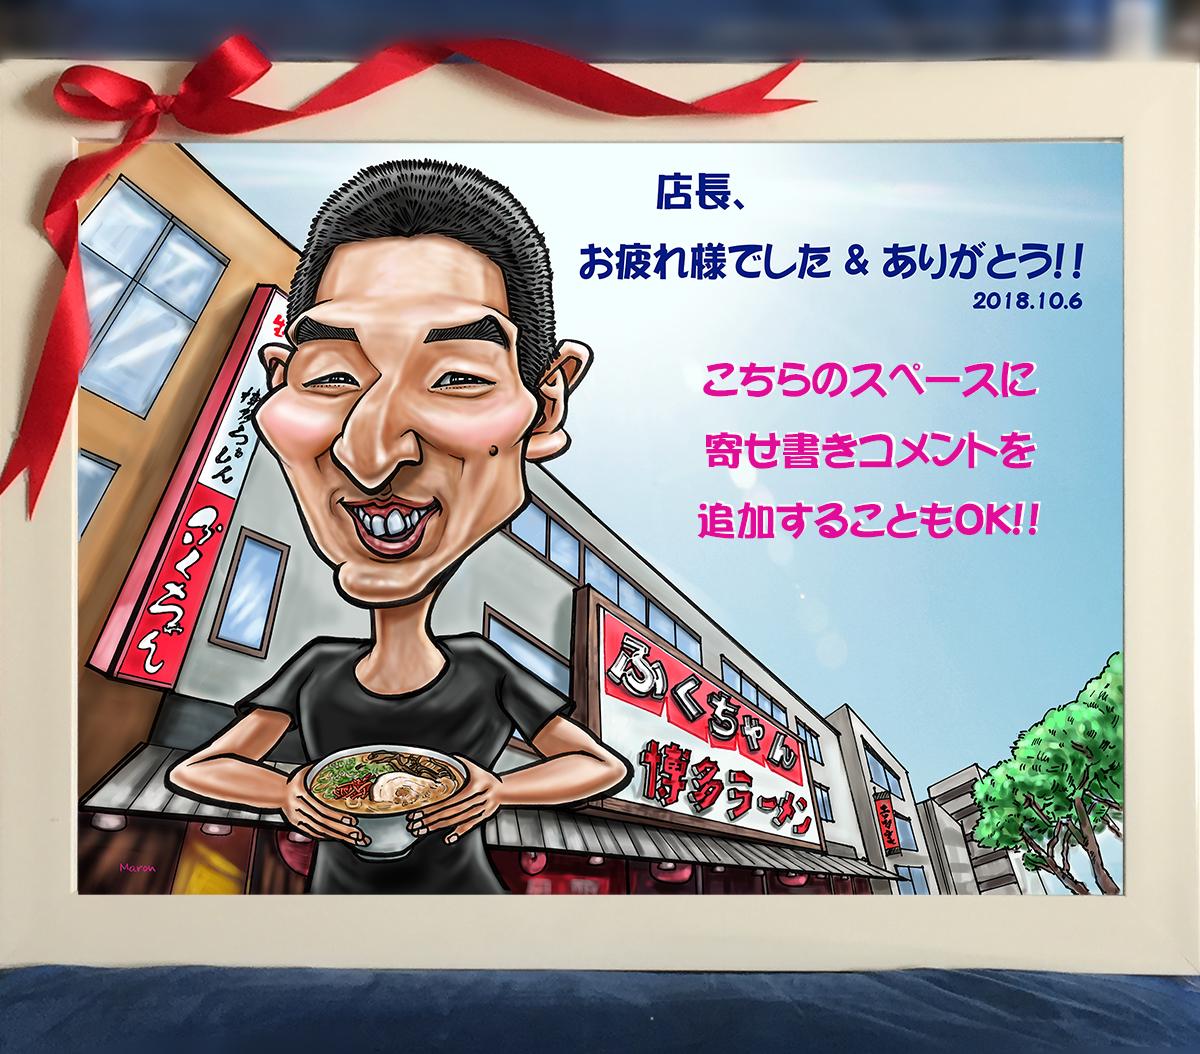 【シチュエーションアレンジ】人気ラーメン店様!